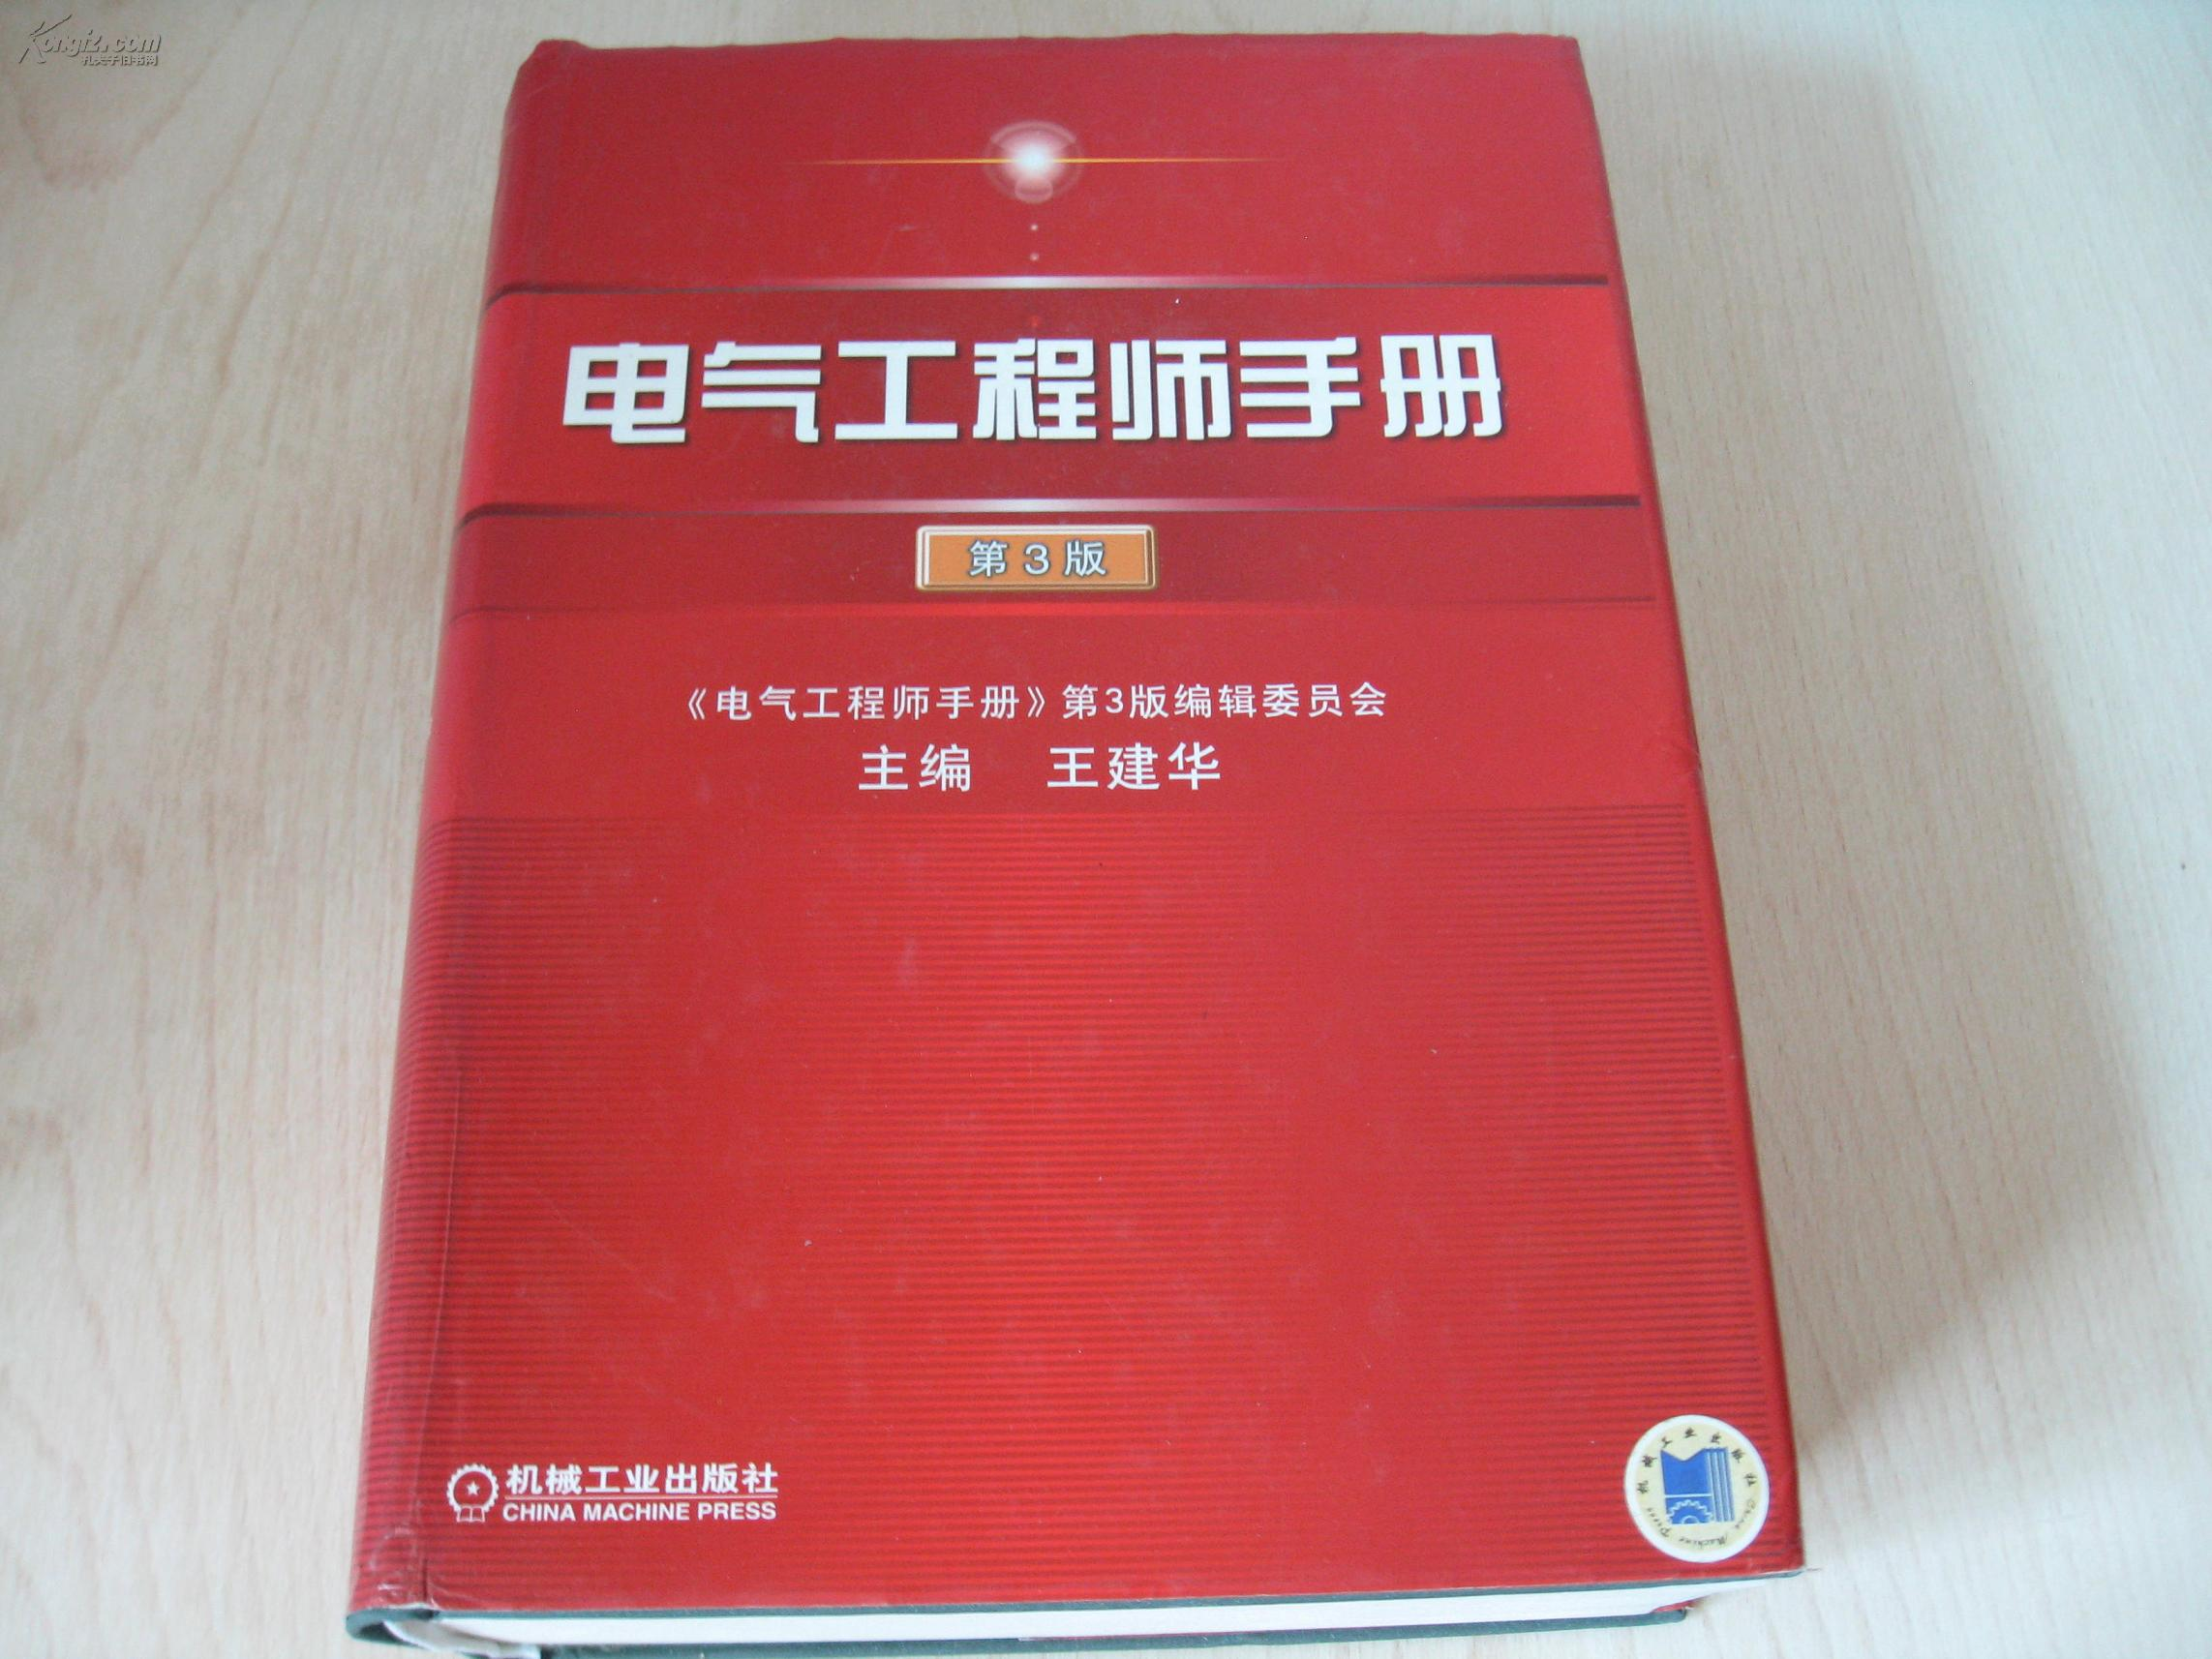 电气工程师的手册哪里可以免费下载-从哪免费下载